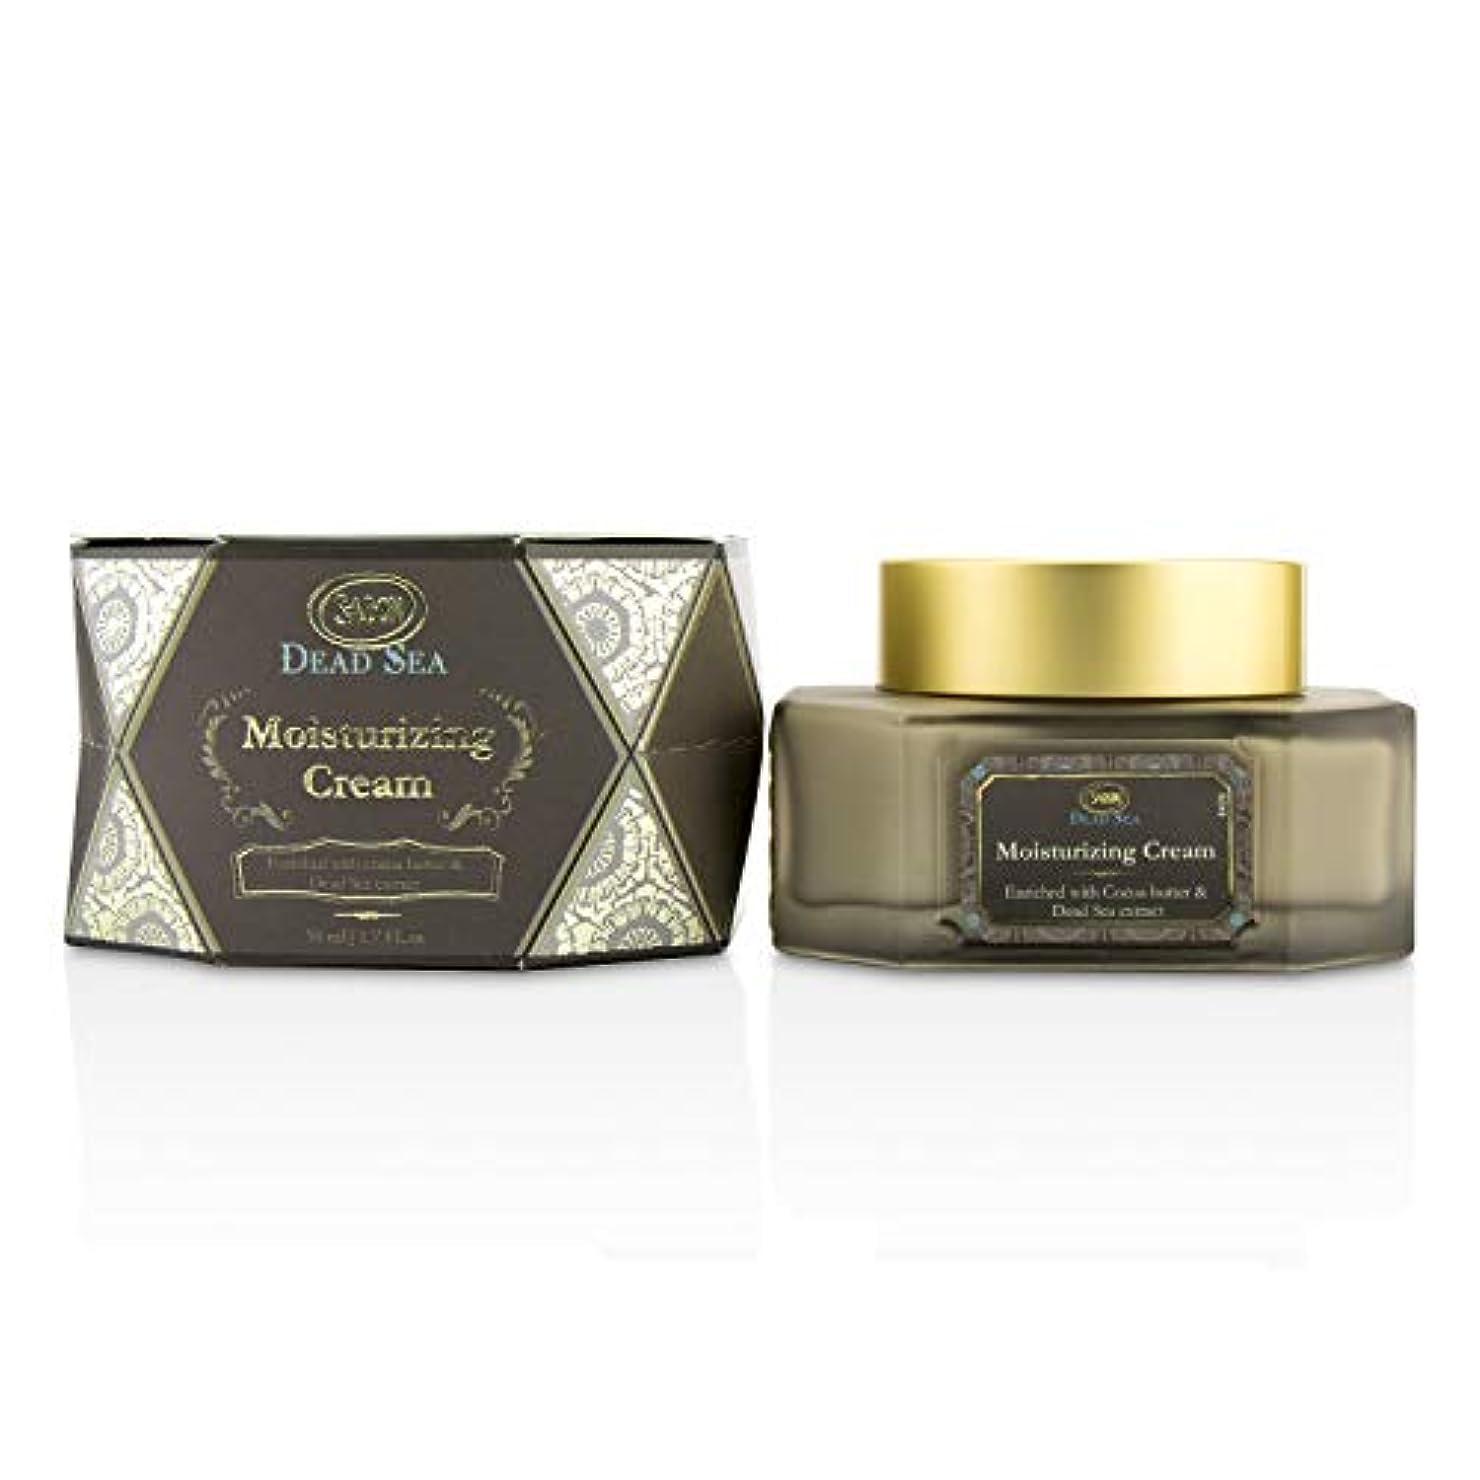 市の花アラブサラボアレルギー性サボン Dead Sea Moisturizing Cream 50ml/1.7oz並行輸入品